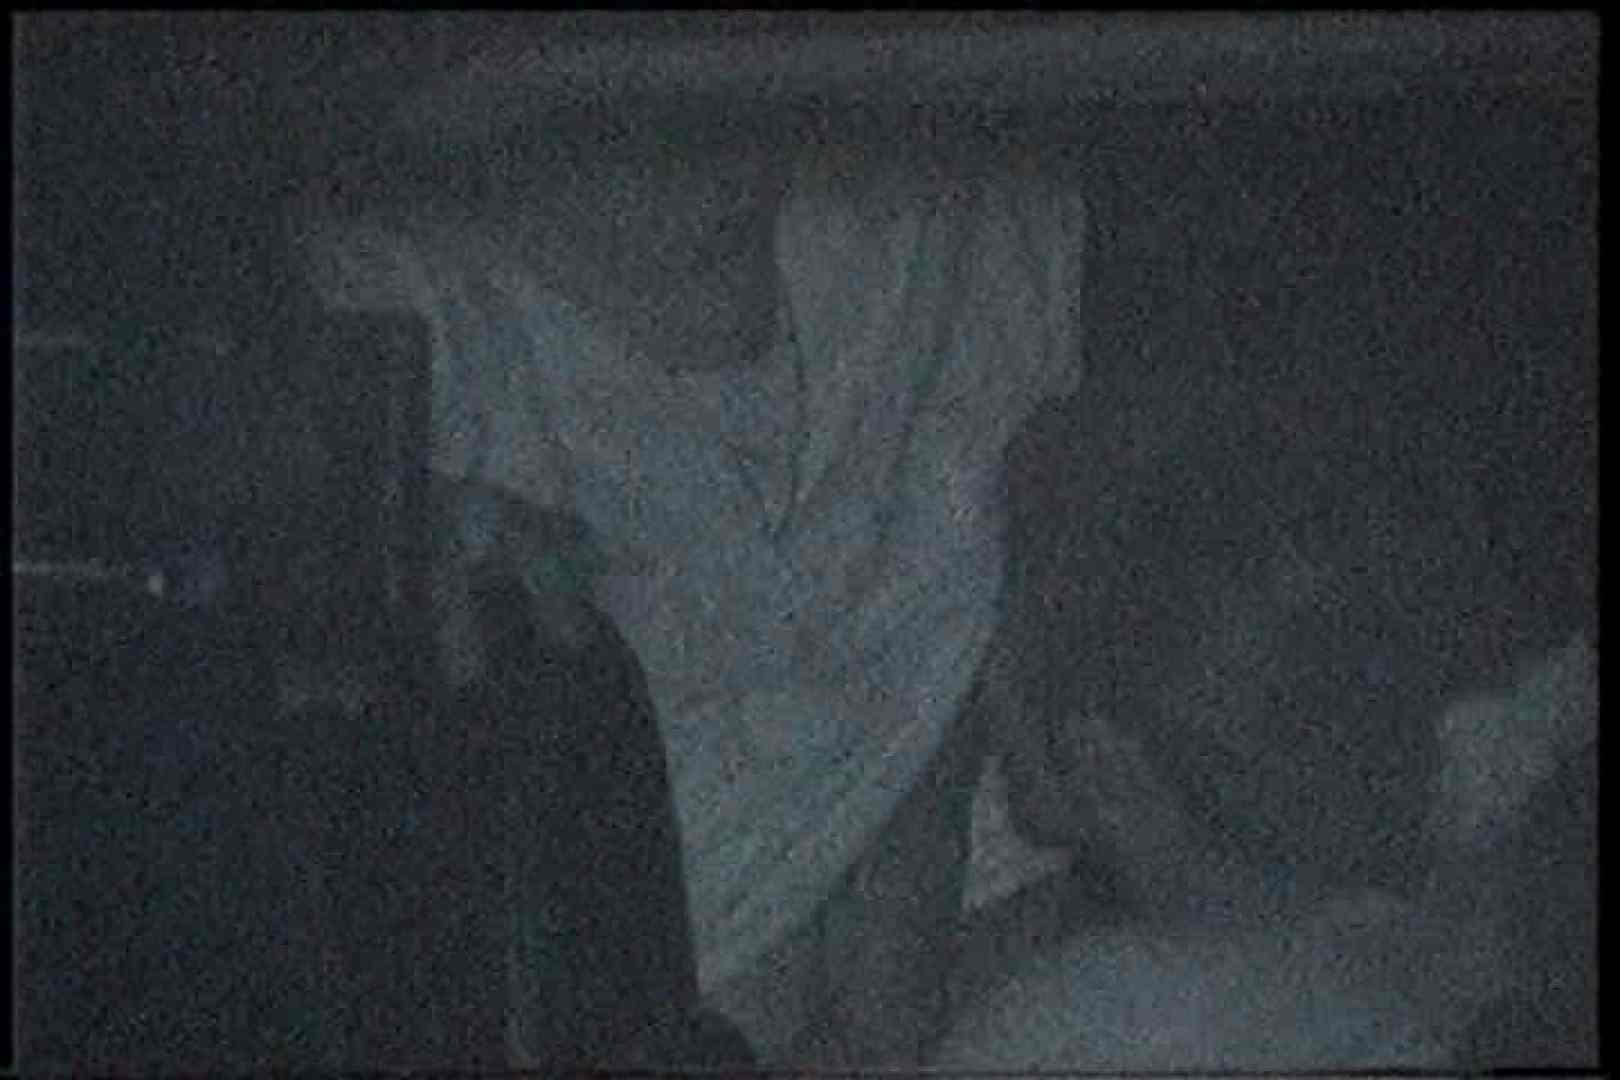 充血監督の深夜の運動会Vol.198 チクビ   OLエロ画像  76PICs 73